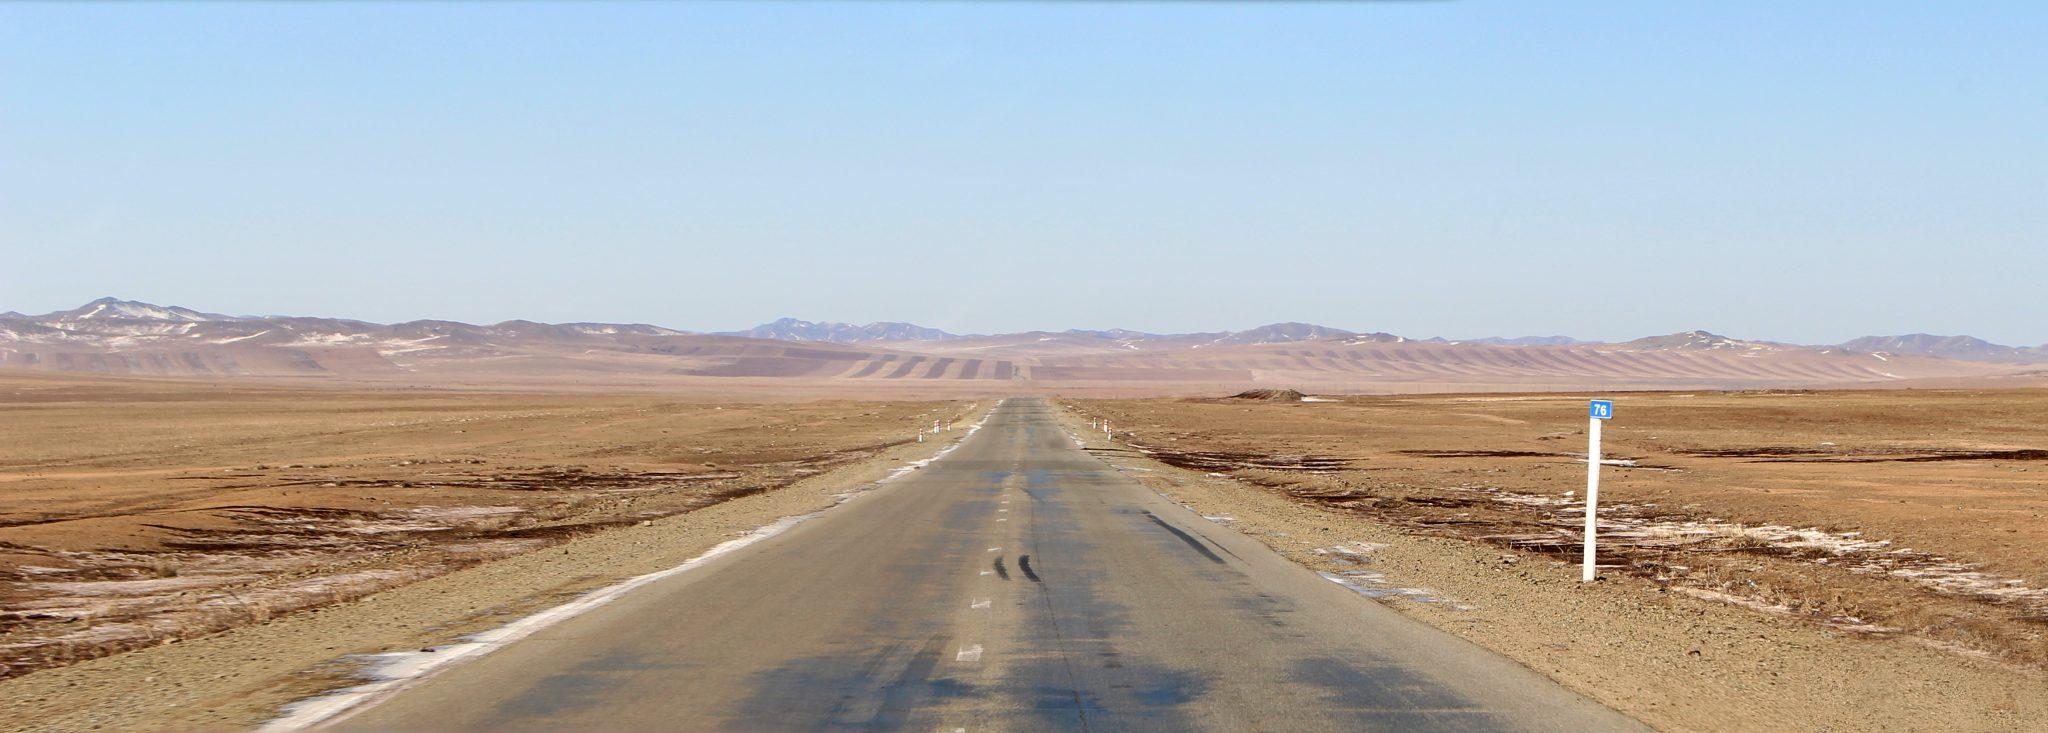 Mongolian Viisumi